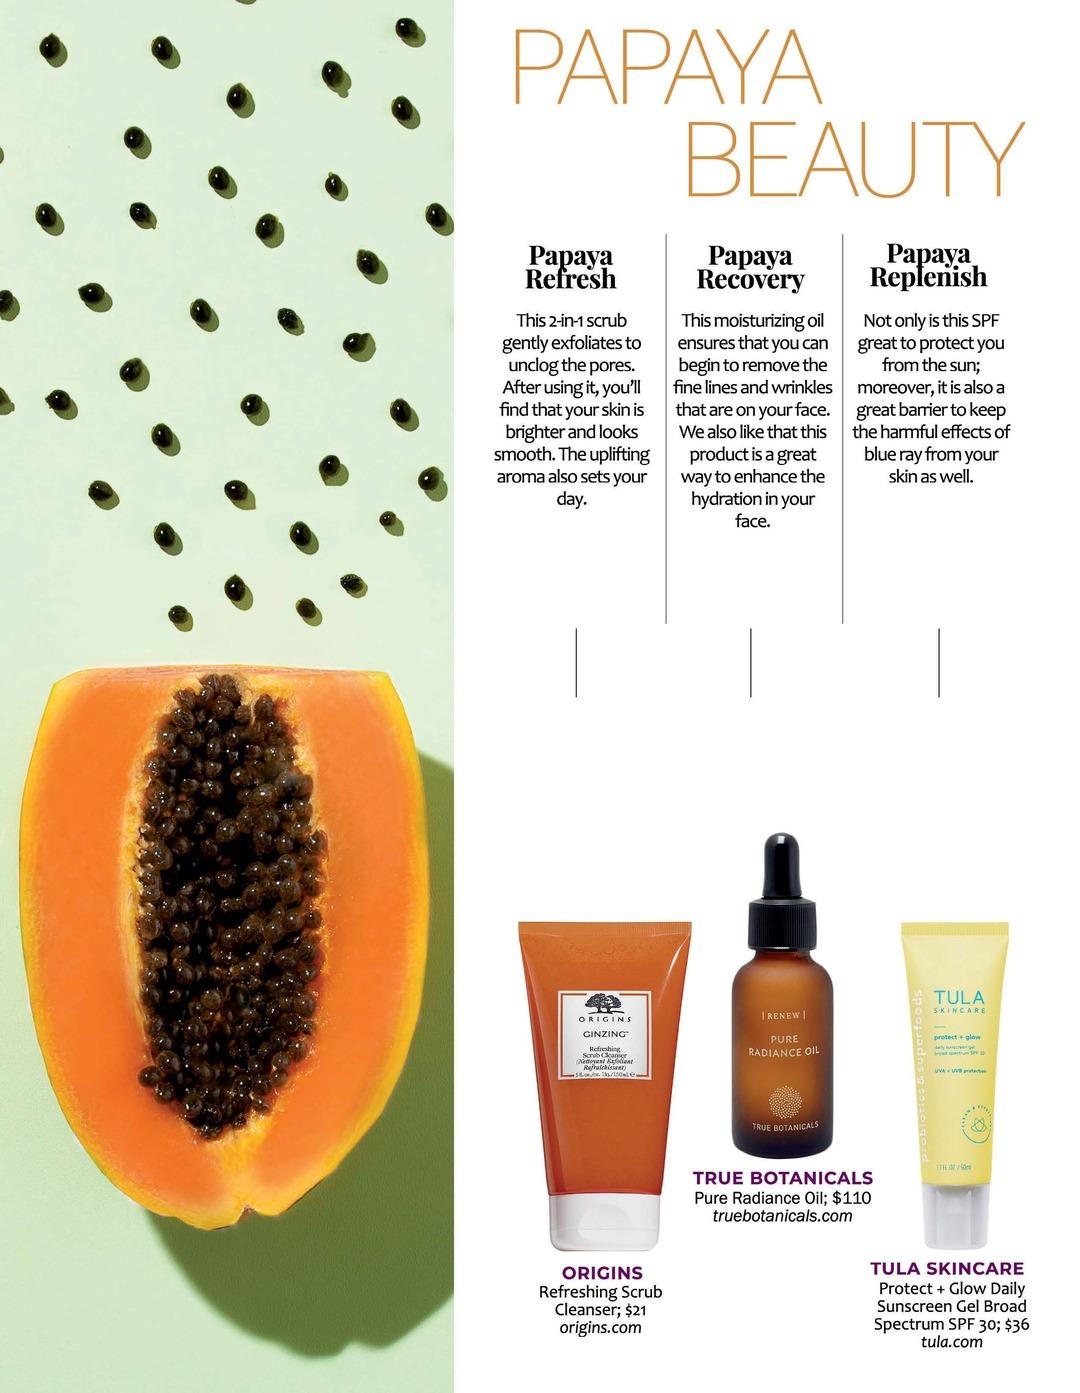 Page 76 of Athleisure Mag #53 May 2020 | Papaya Beauty